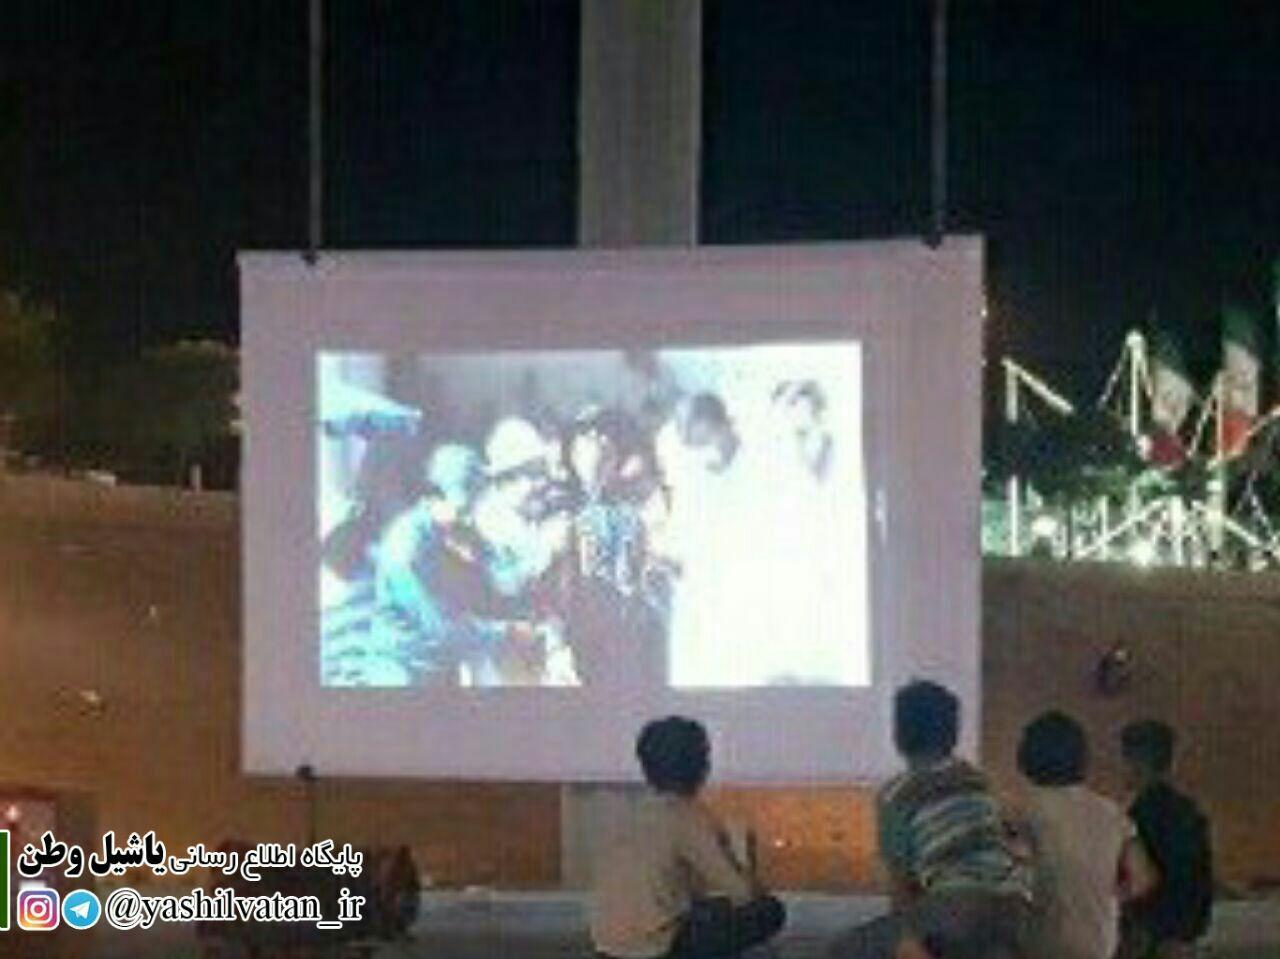 پخش فیلم کودک و نوجوان در محل پارک قوناخلار